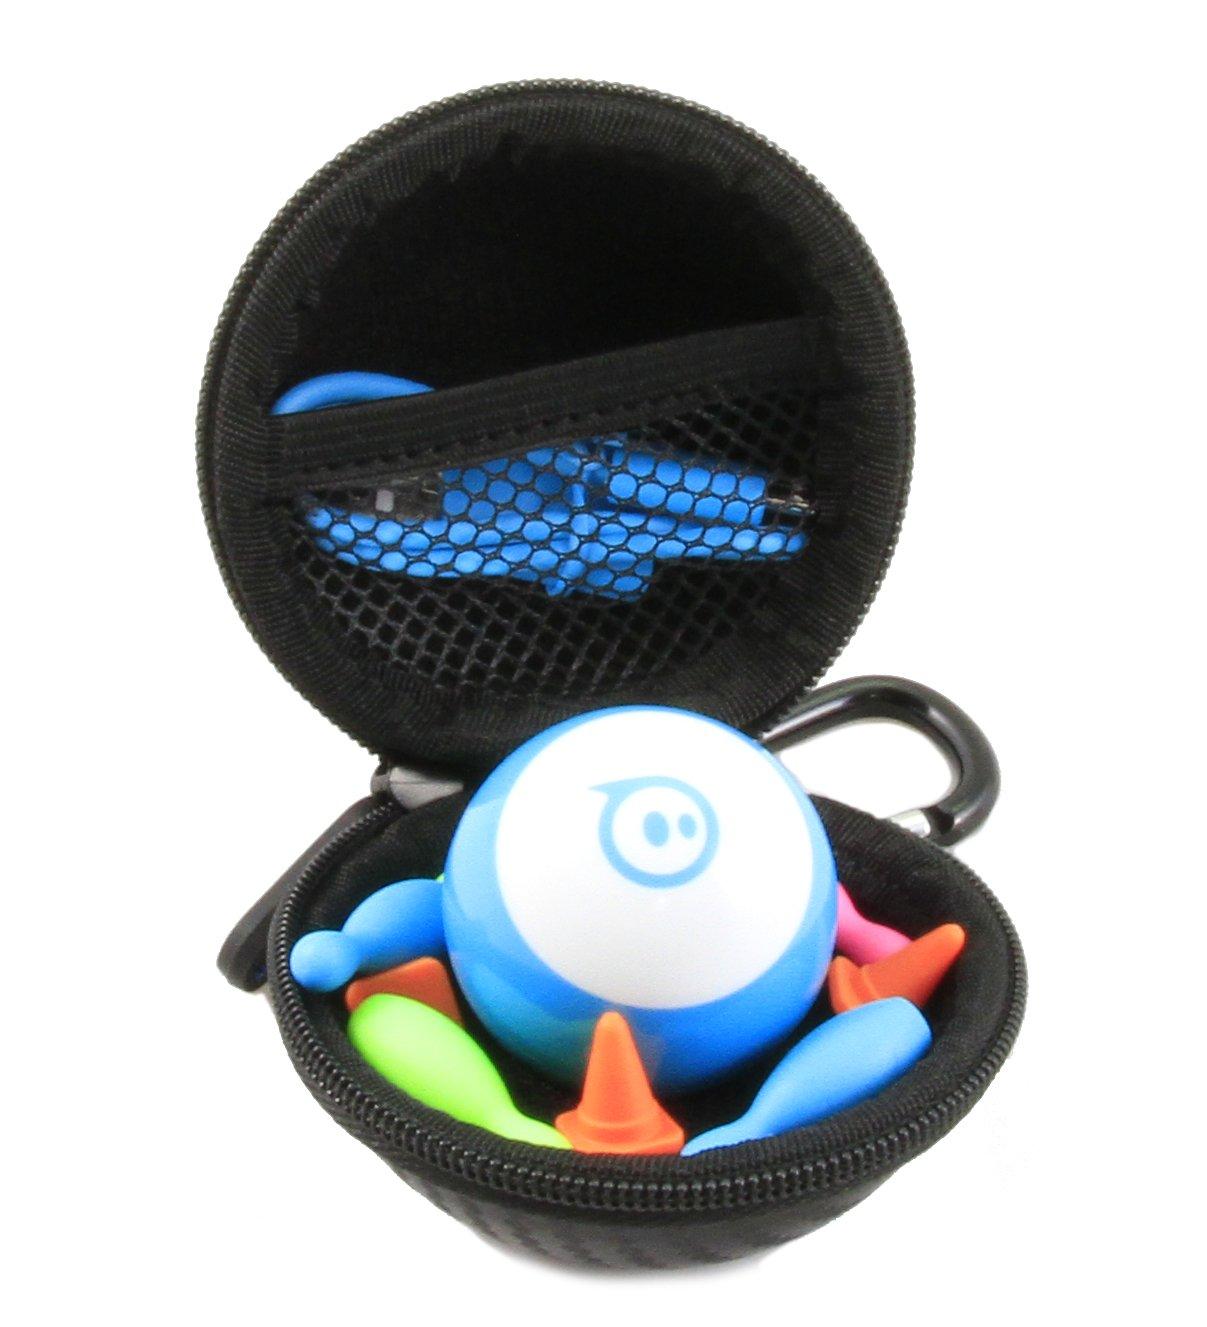 Casematix Spielzeugkoffer, passend für Sphero Mini App gesteuertes Roboter-Ball-Set, nur mit Hülle, schwarz